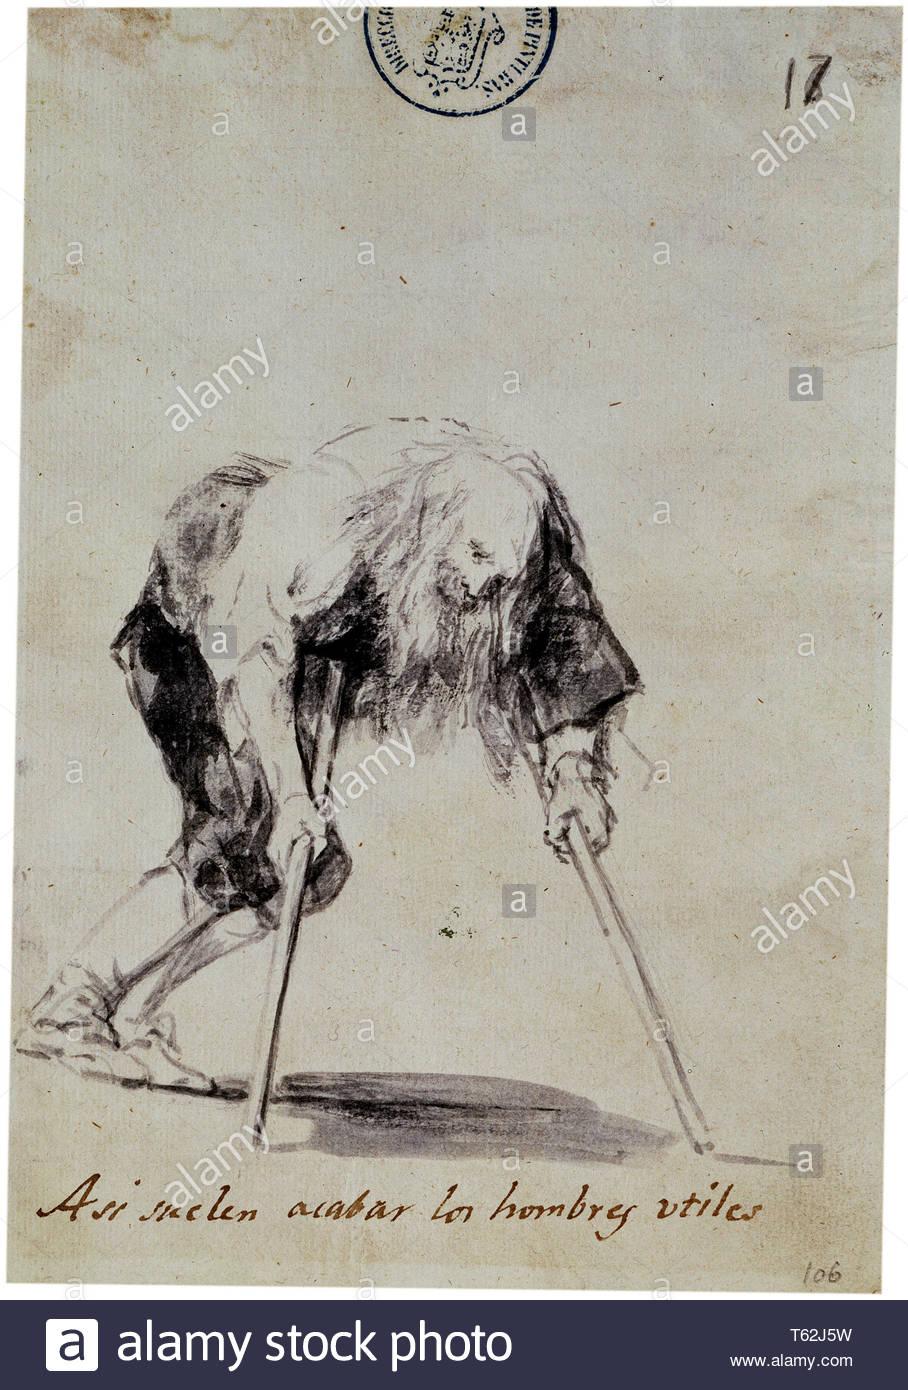 Goya y Lucientes, Francisco de-Asi suelen acabar los hombres utiles - Stock Image